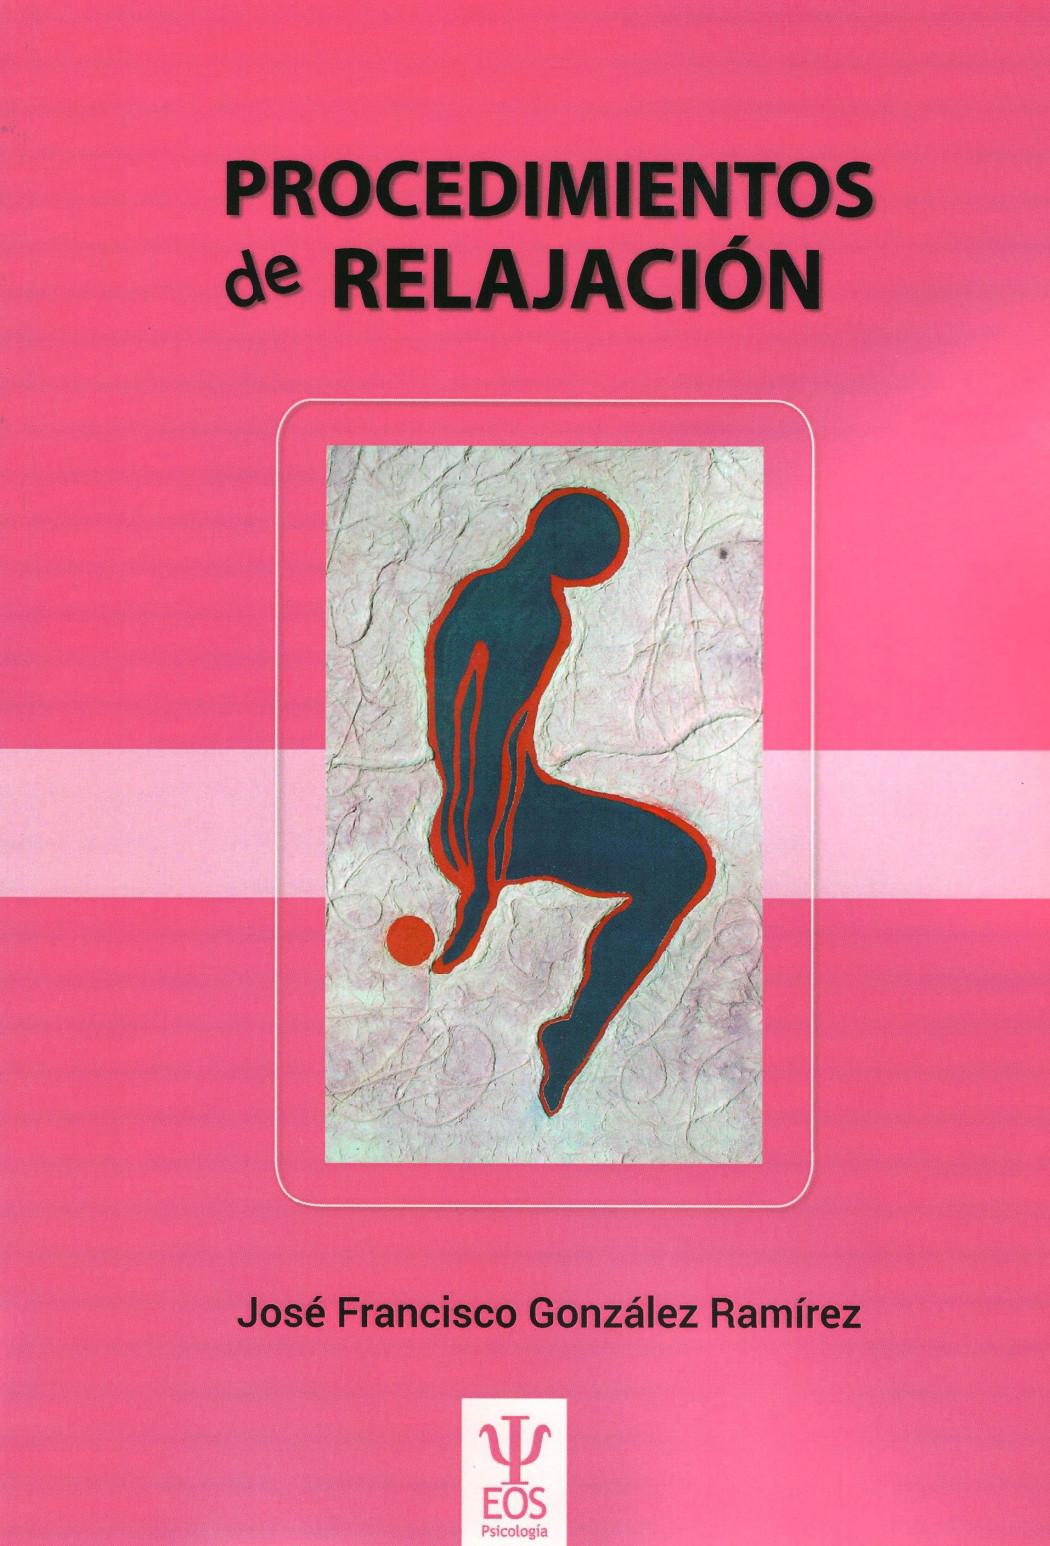 librosestrella_procedimientos-de-relajacion